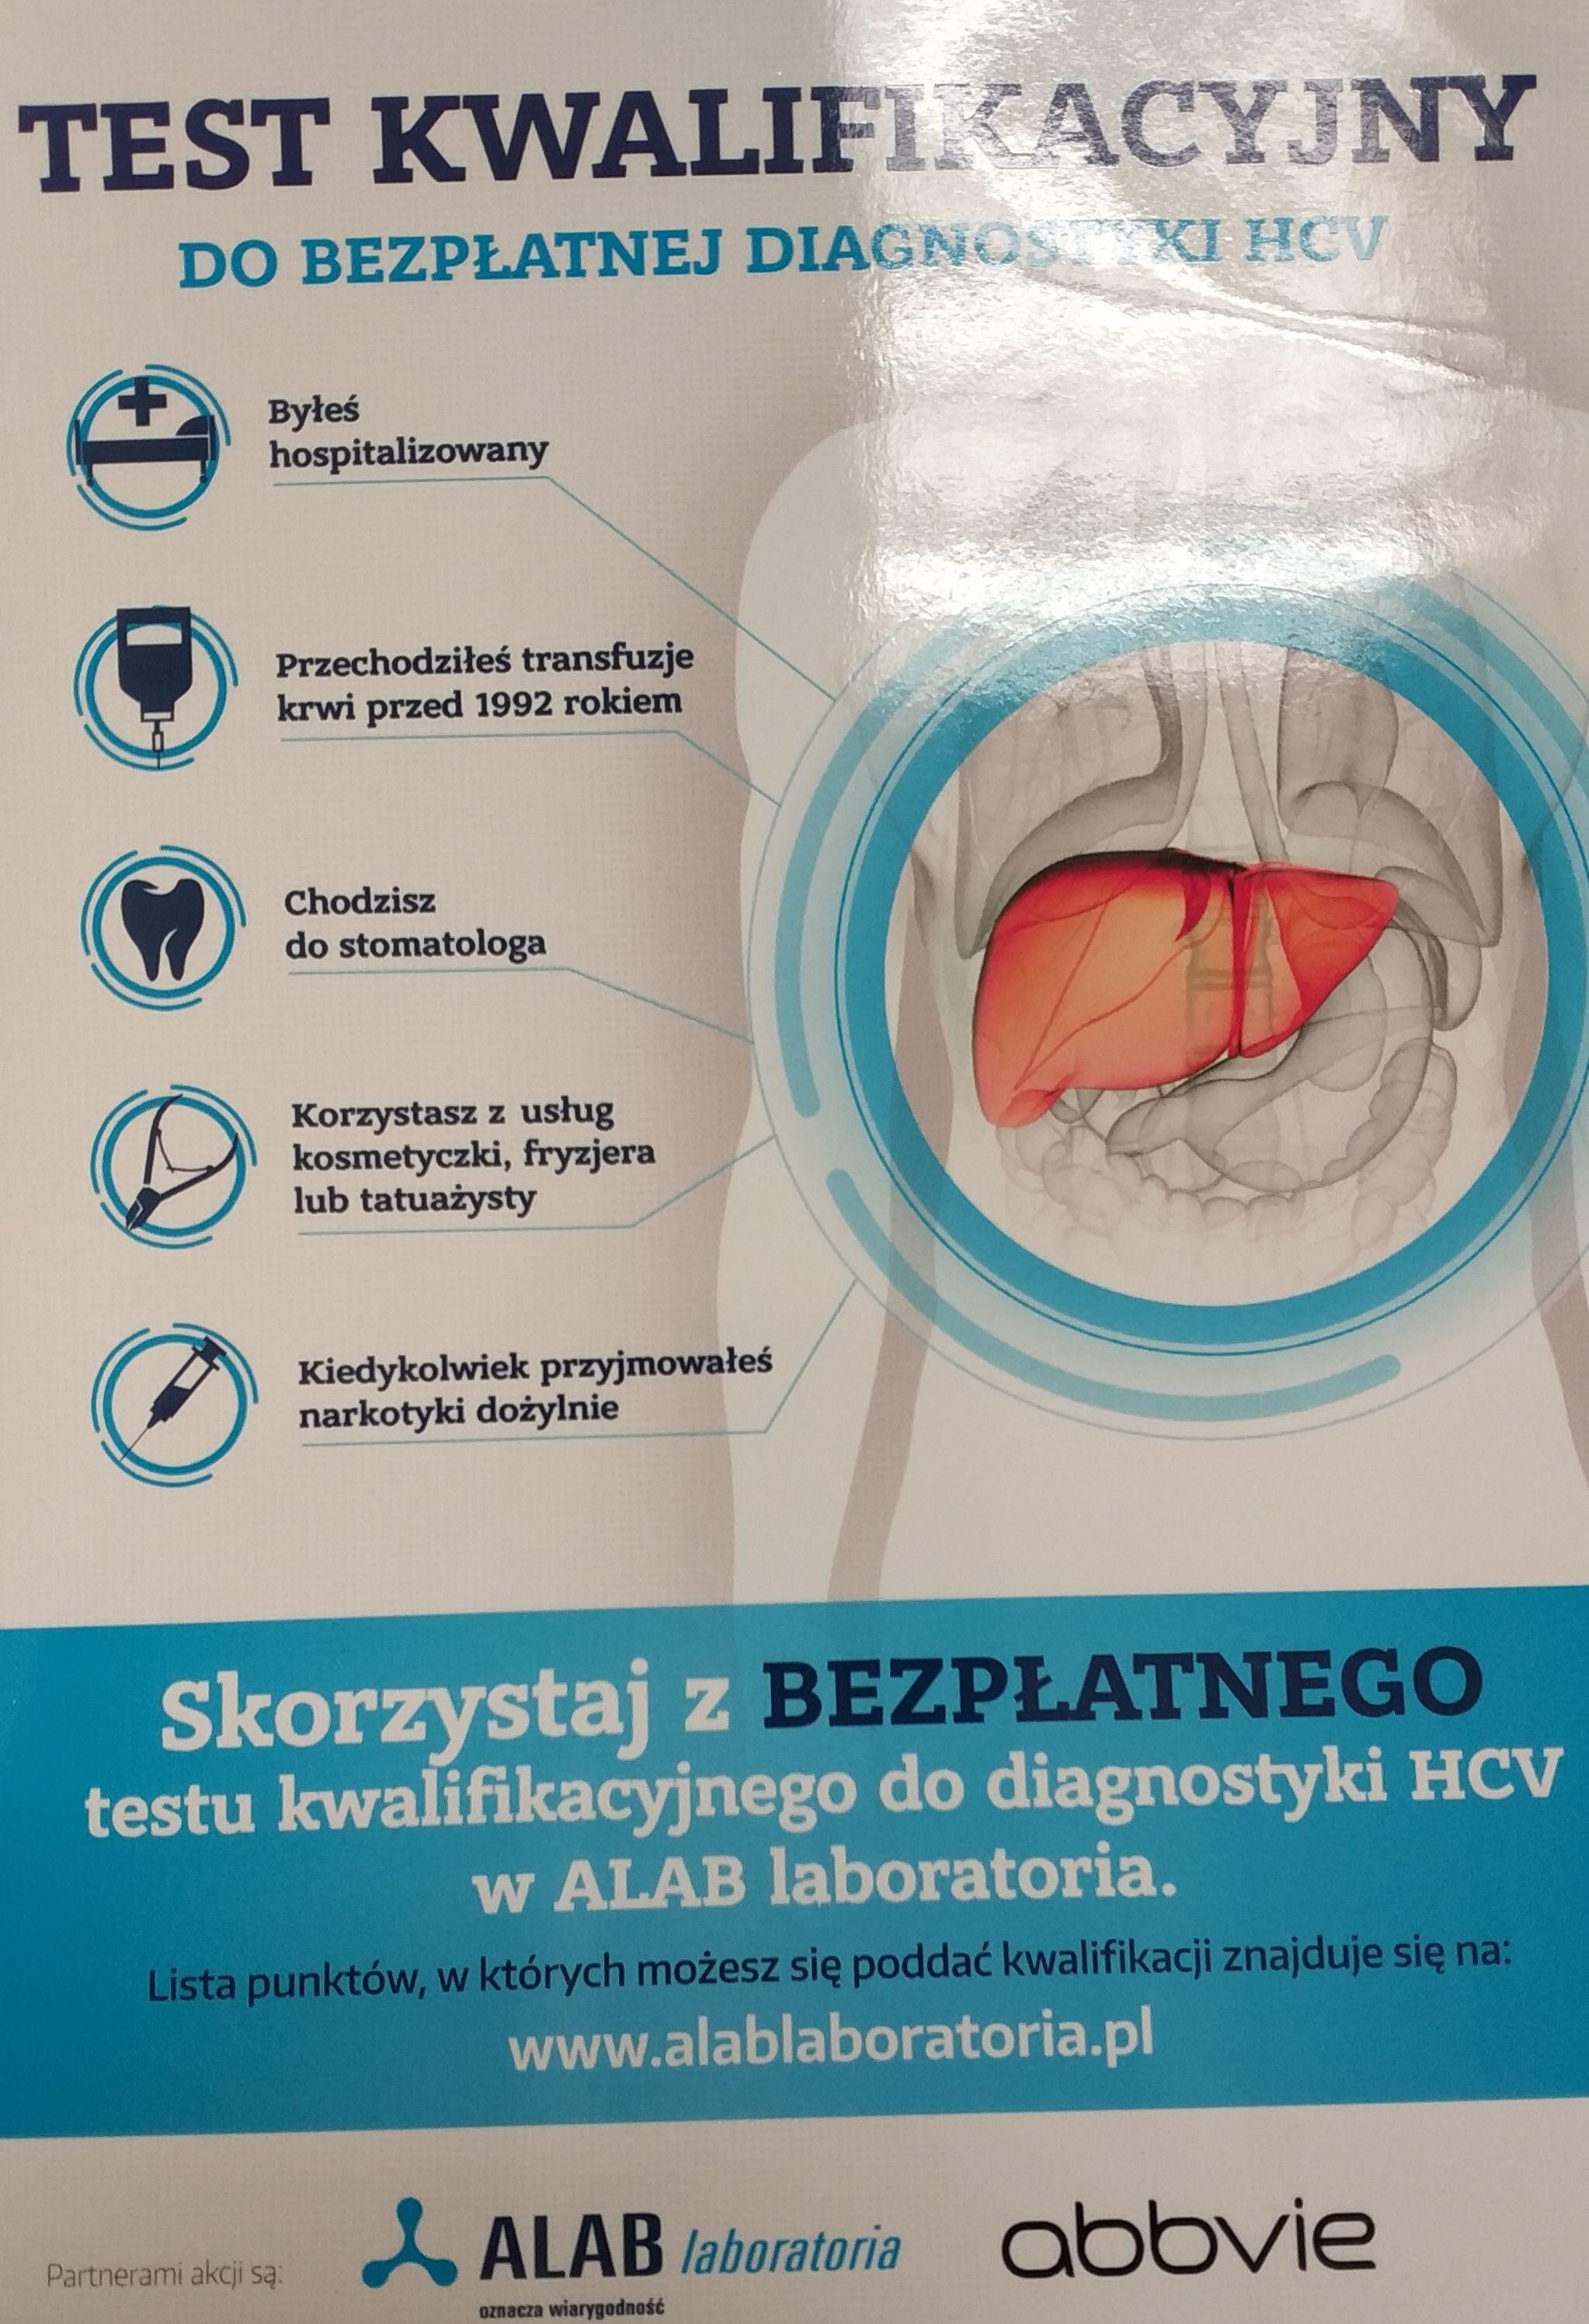 Bezpłatne badanie HCV